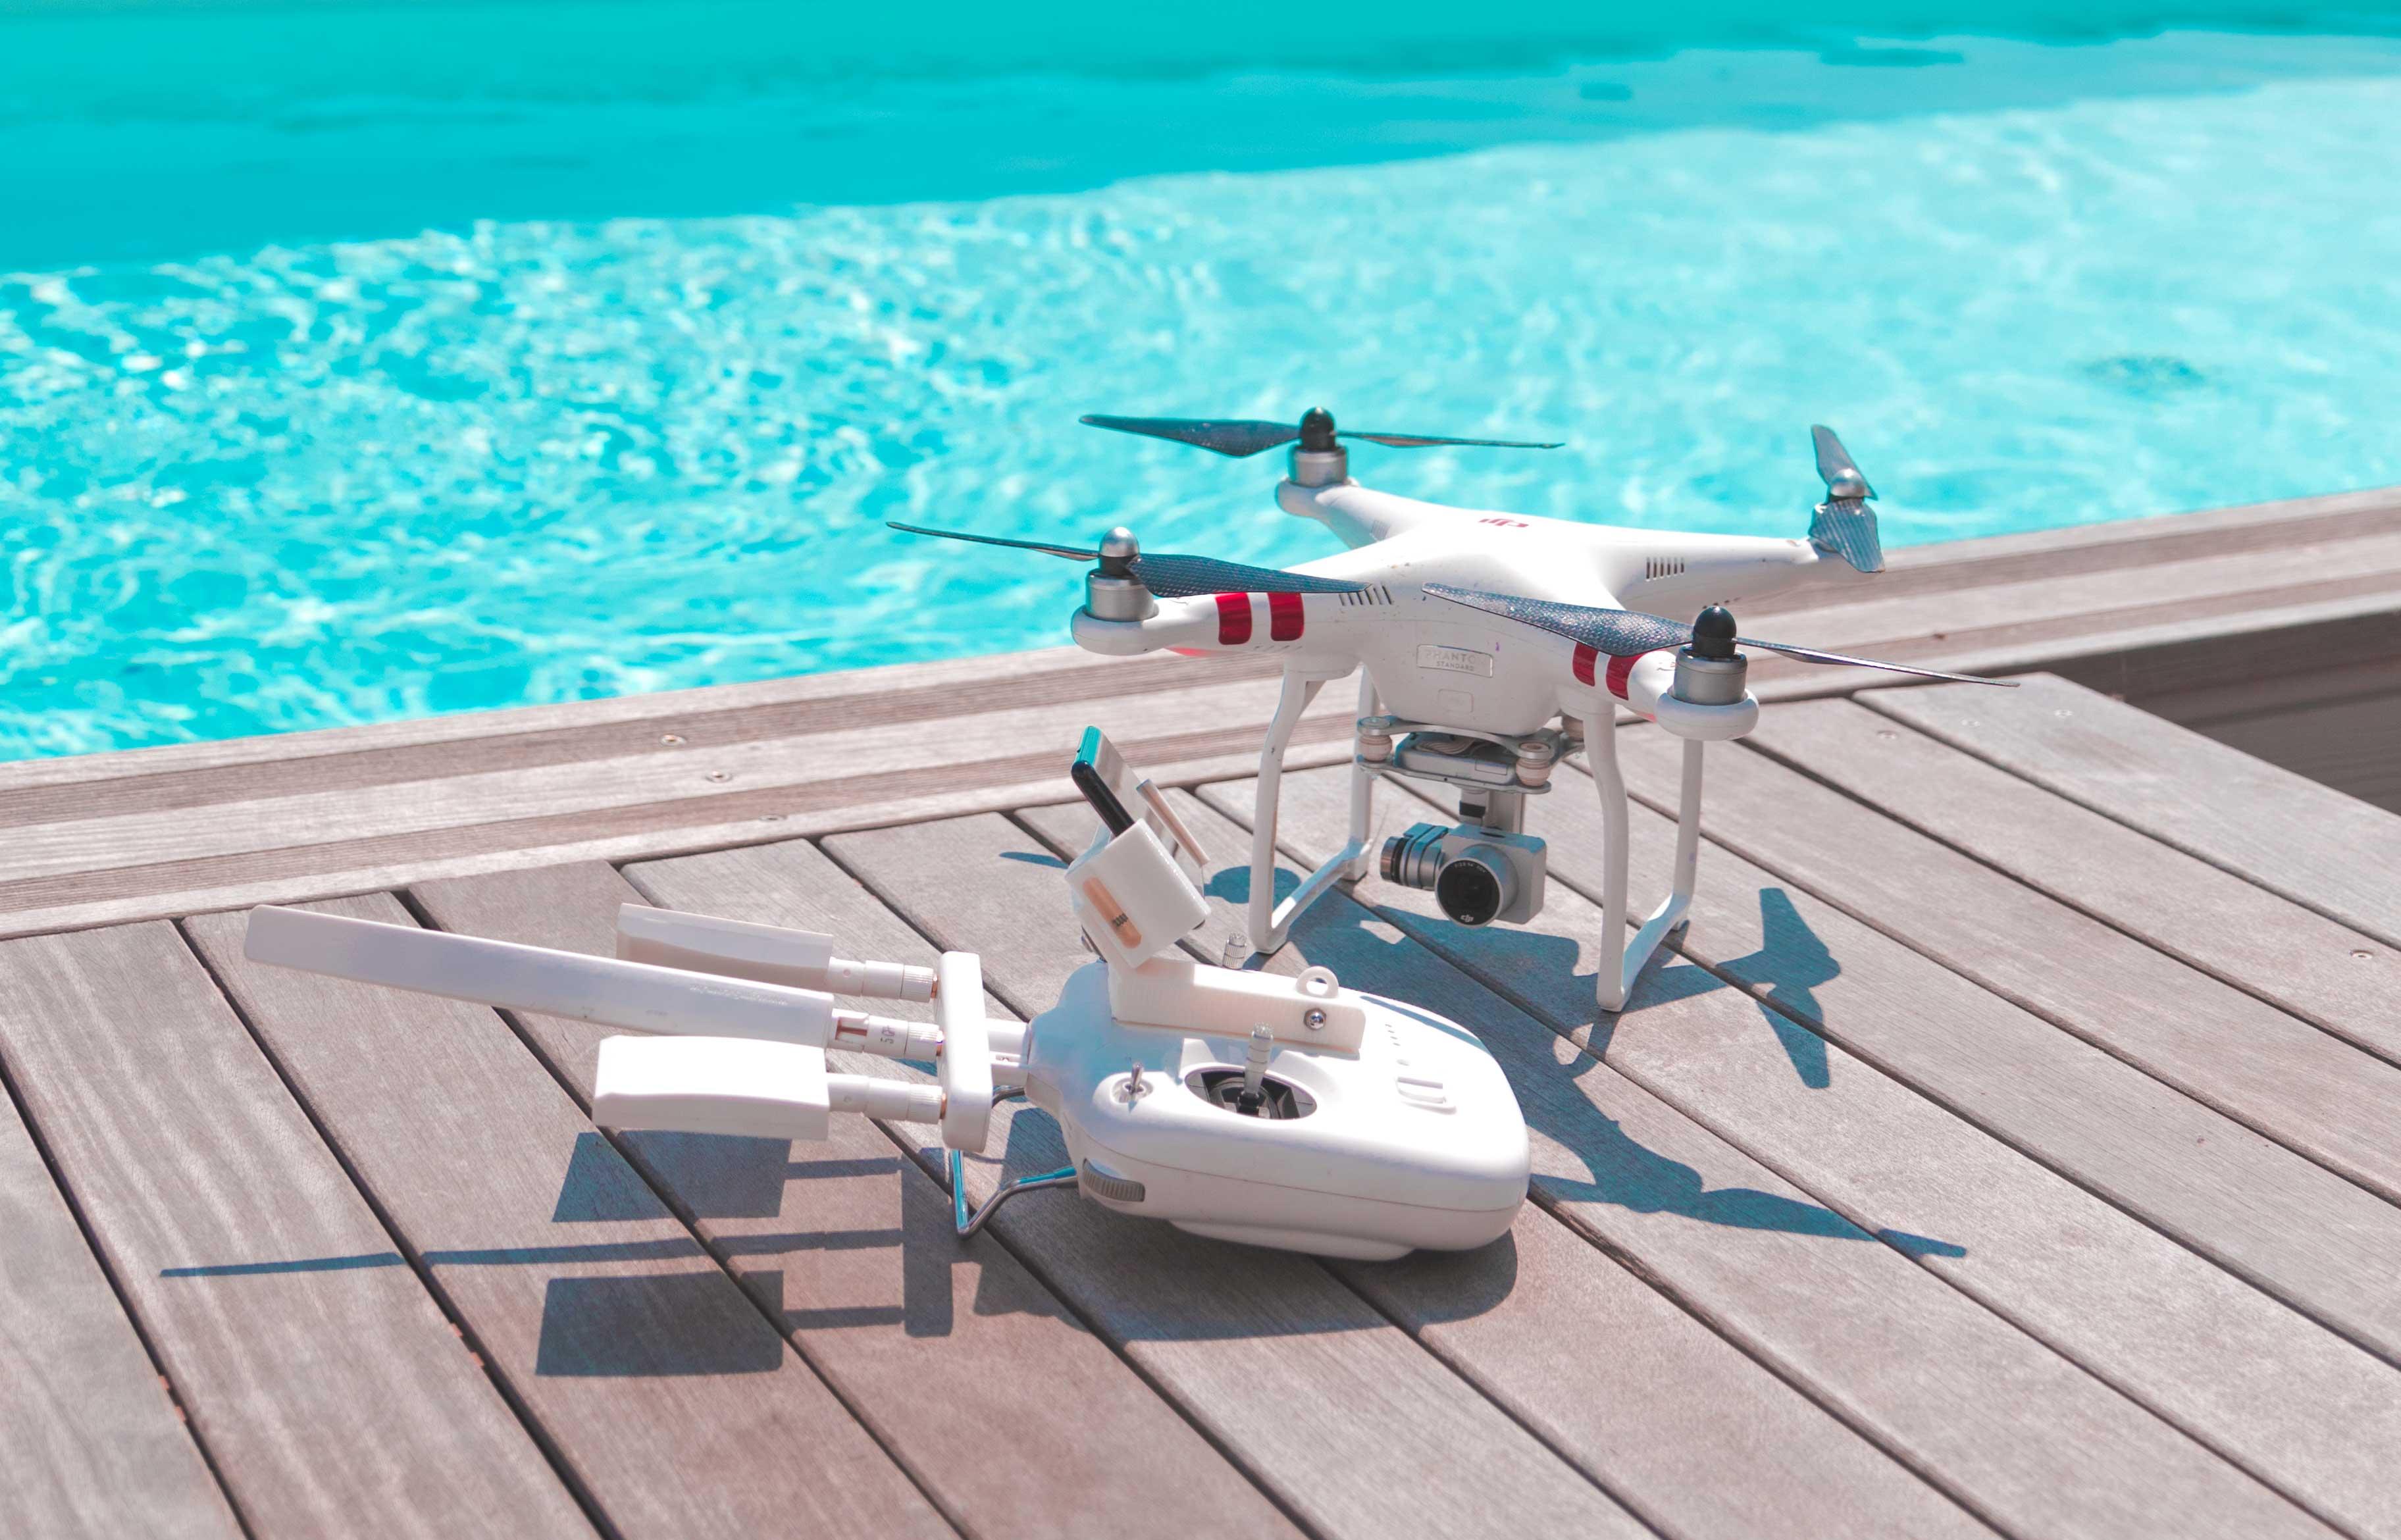 Dji Phantom - Drone